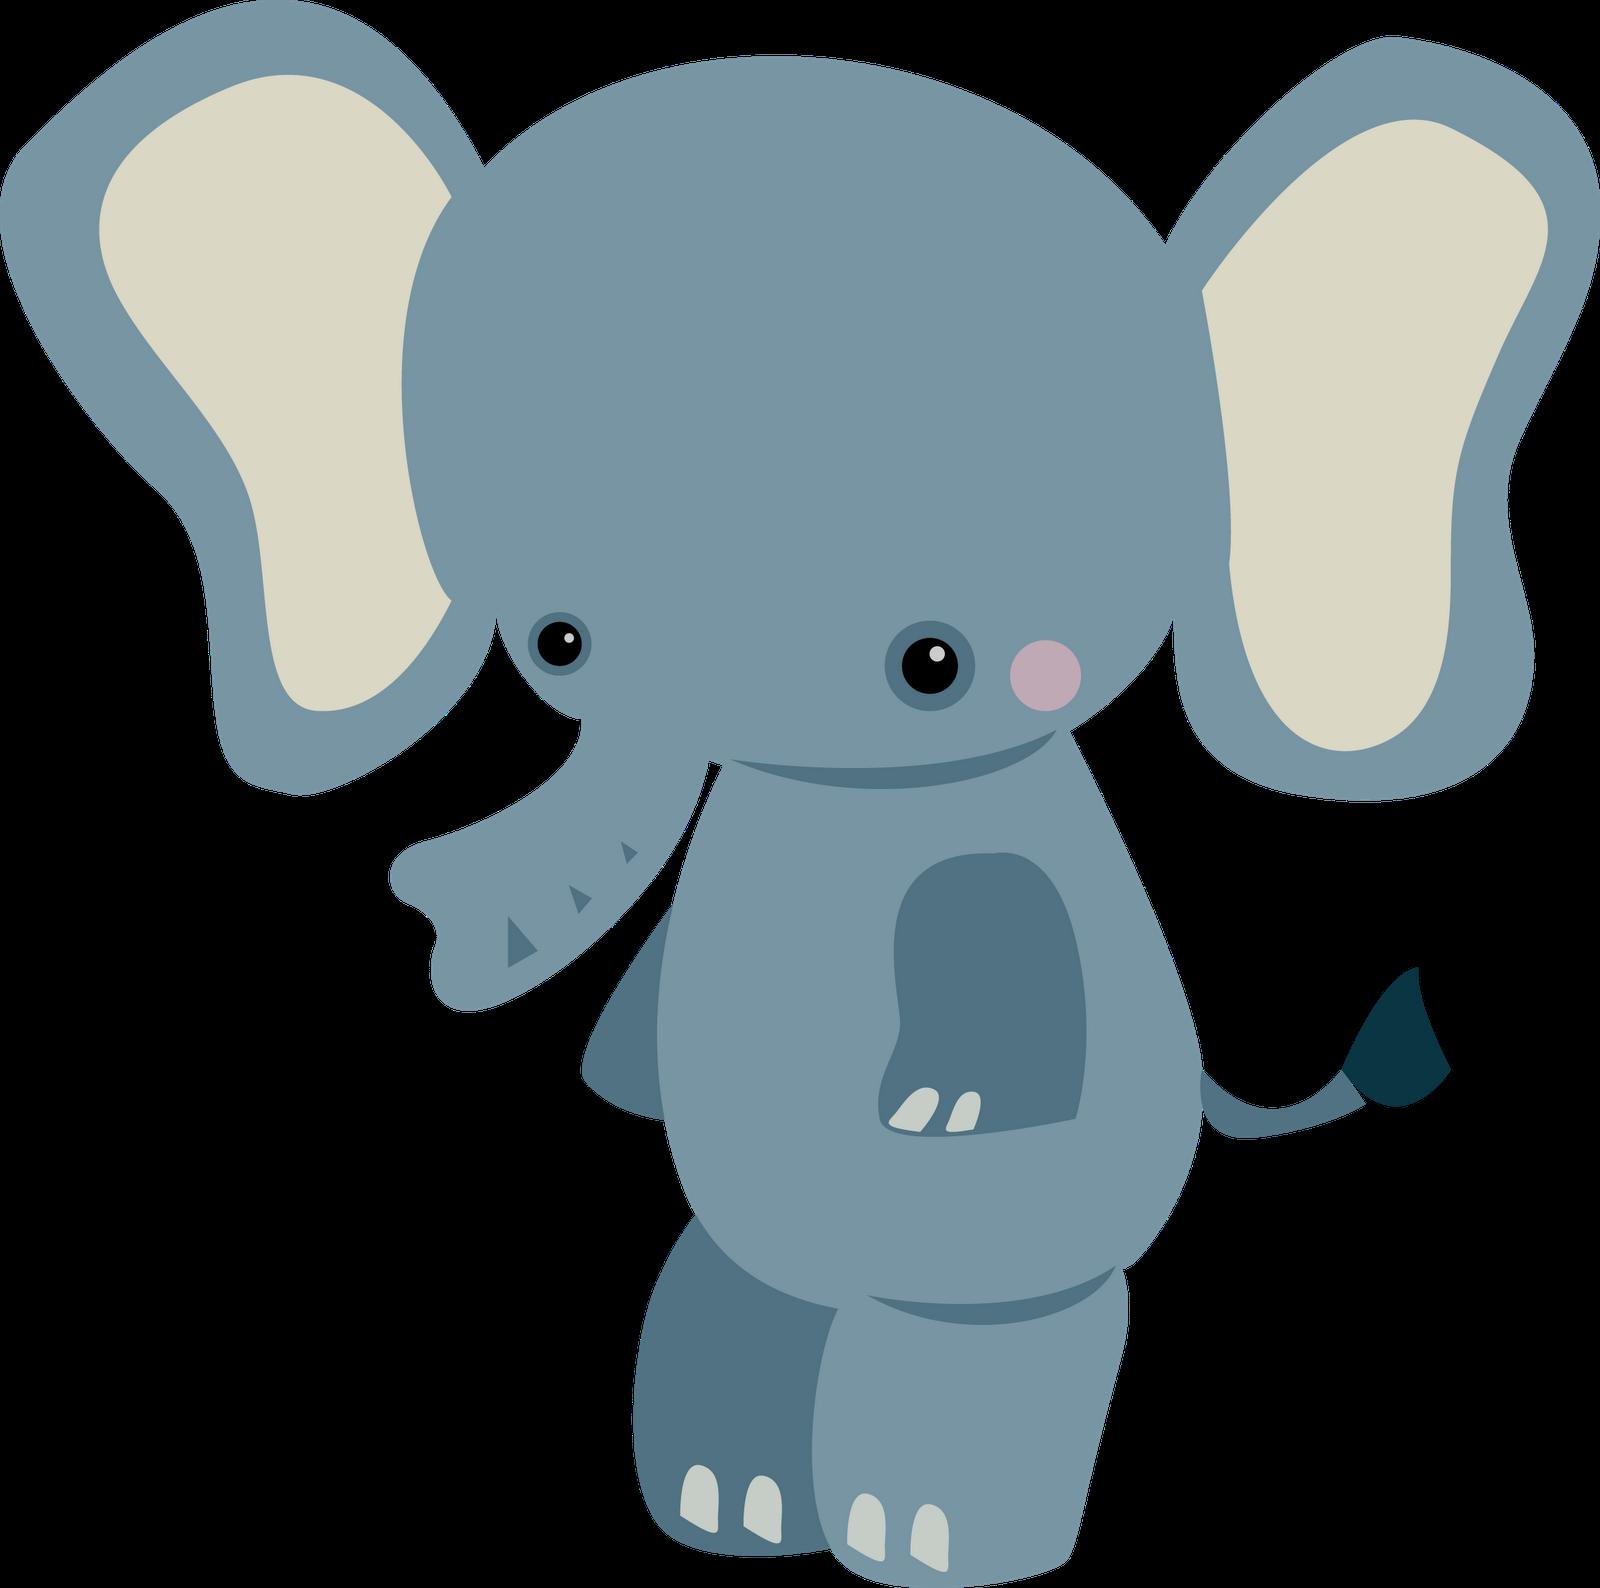 Pin by Jennifer smithell on elephants.